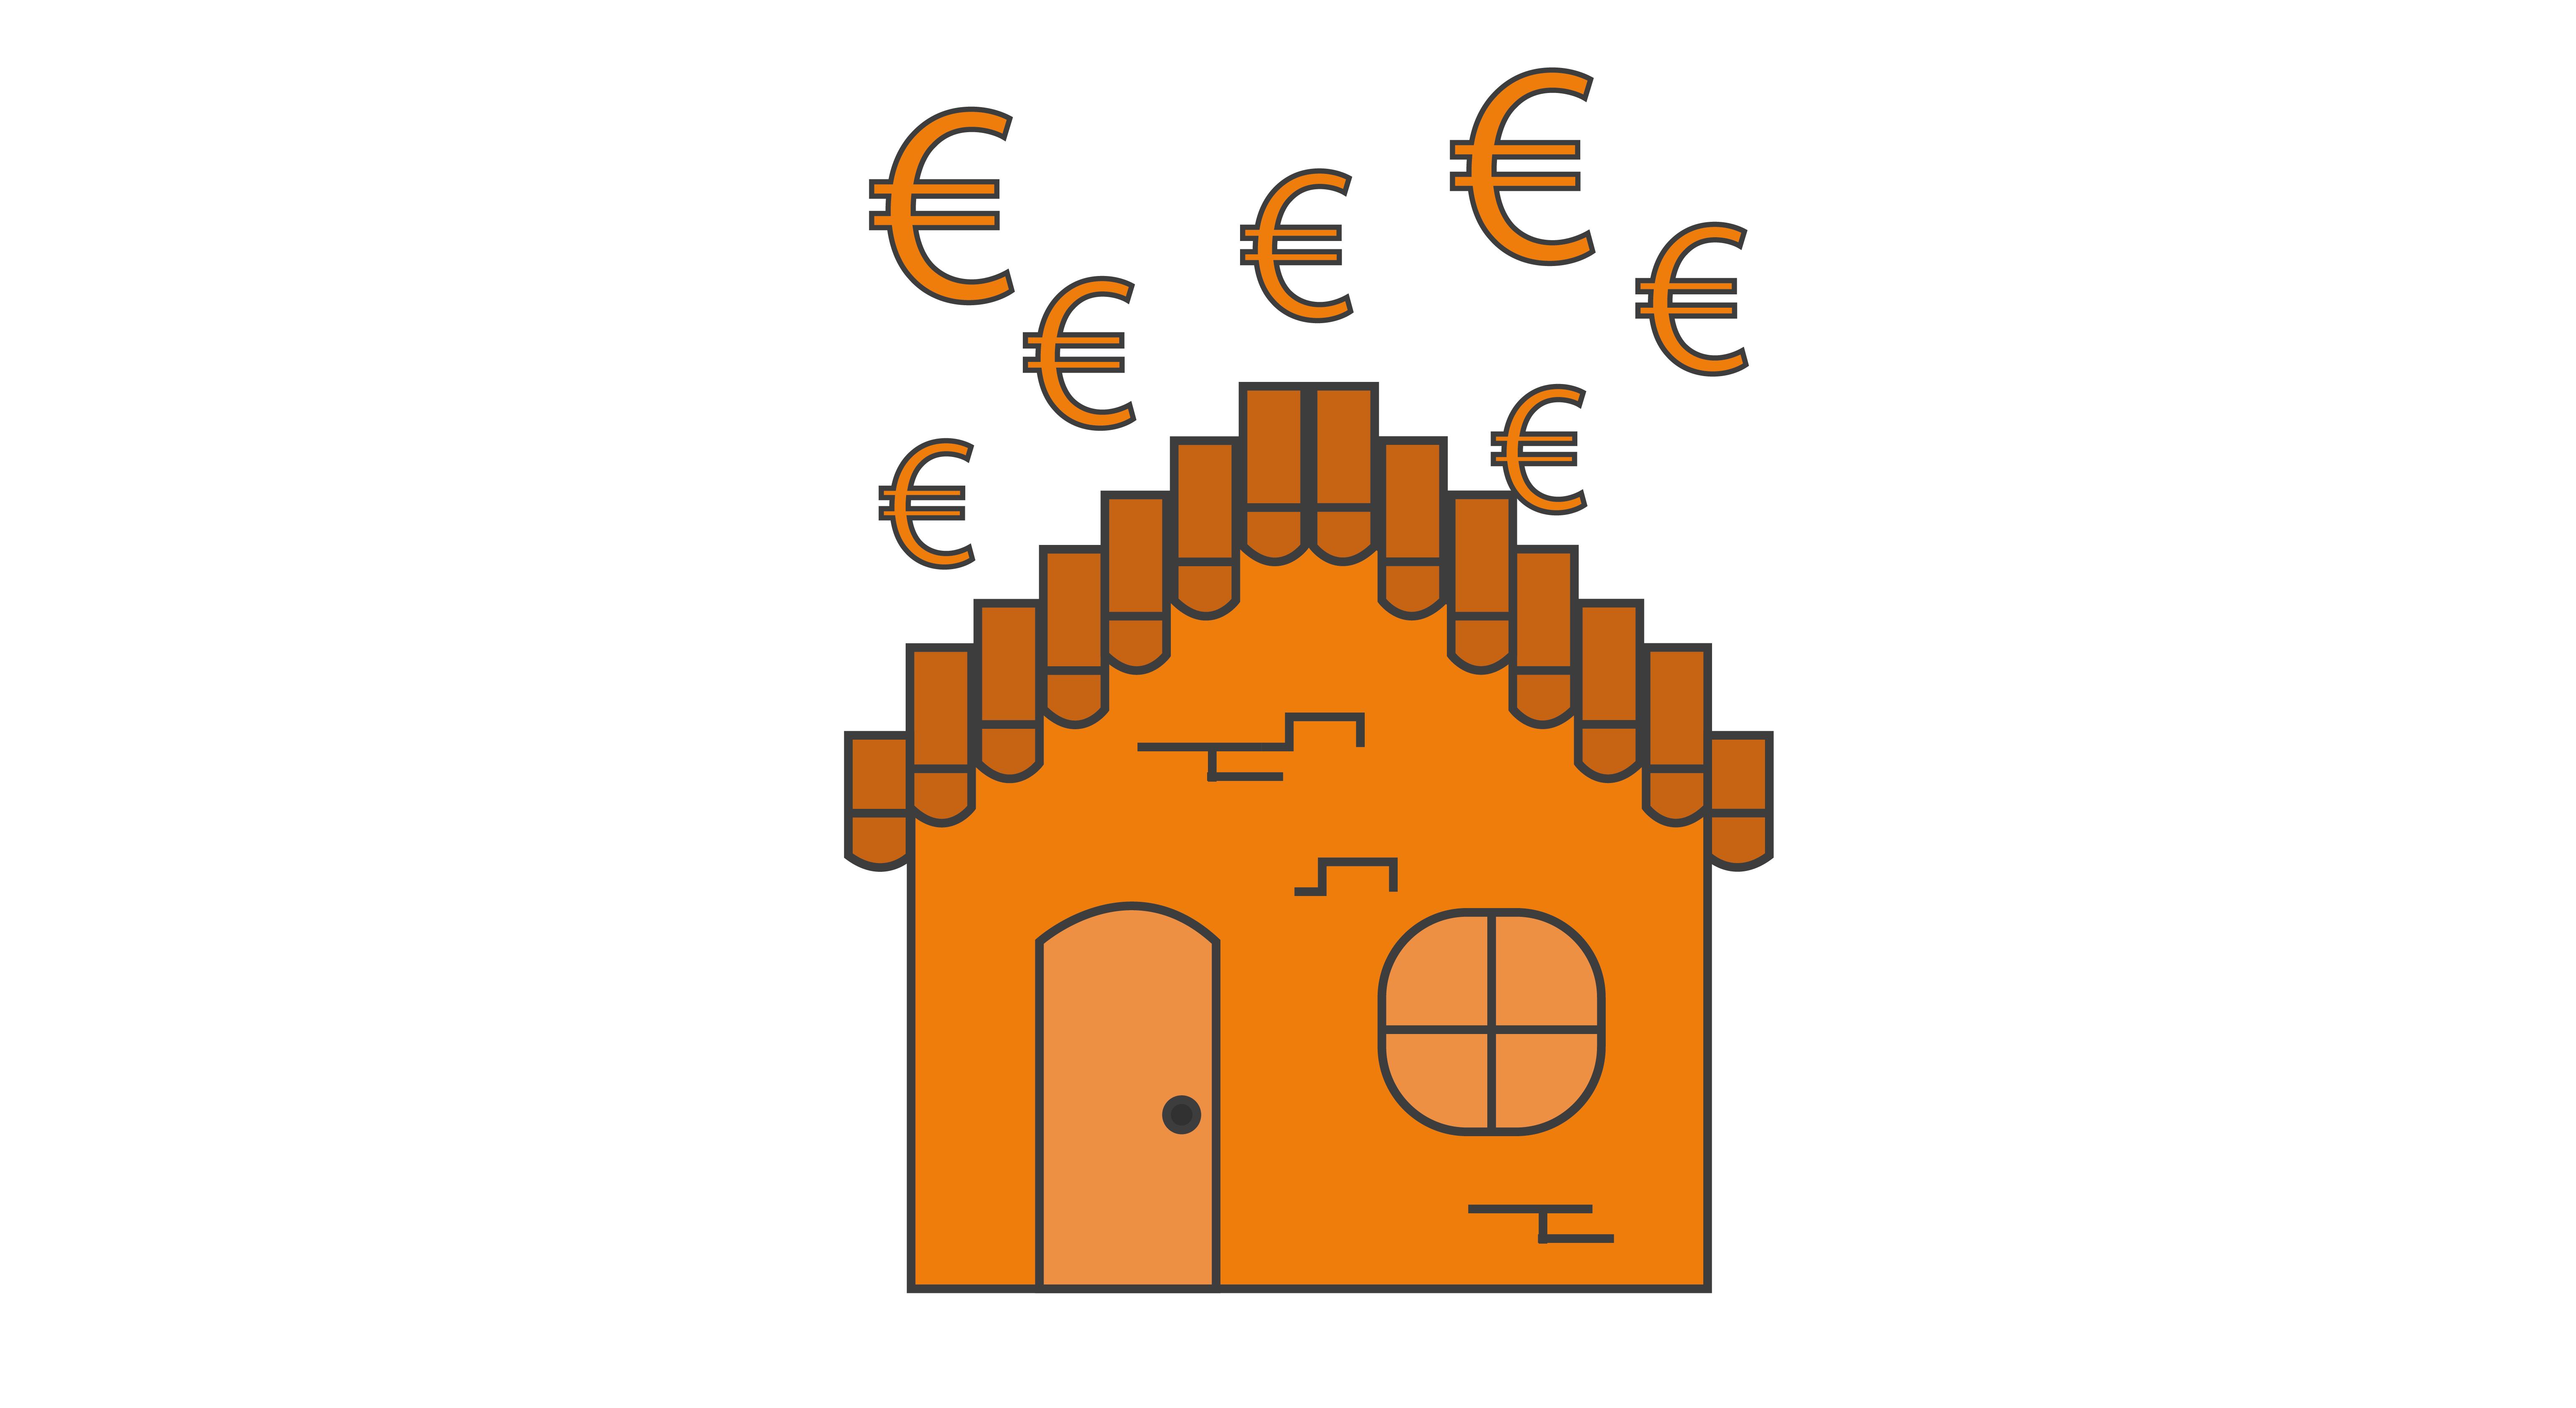 De toekomst van de huizenprijzen